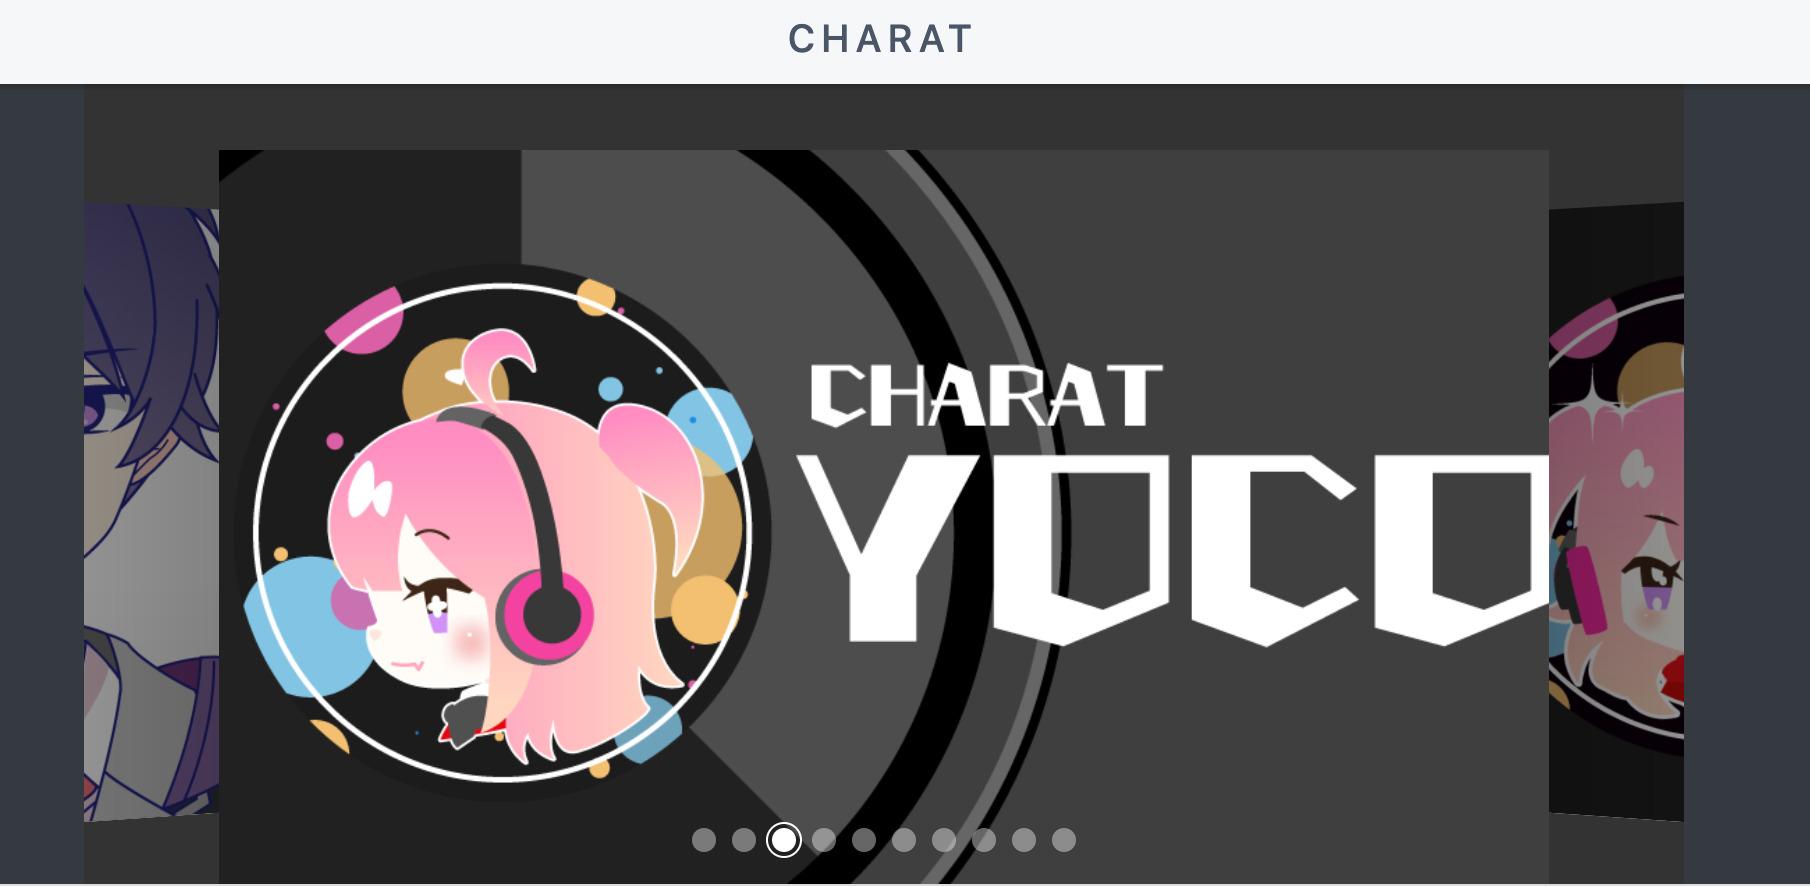 CHARAT(キャラット)